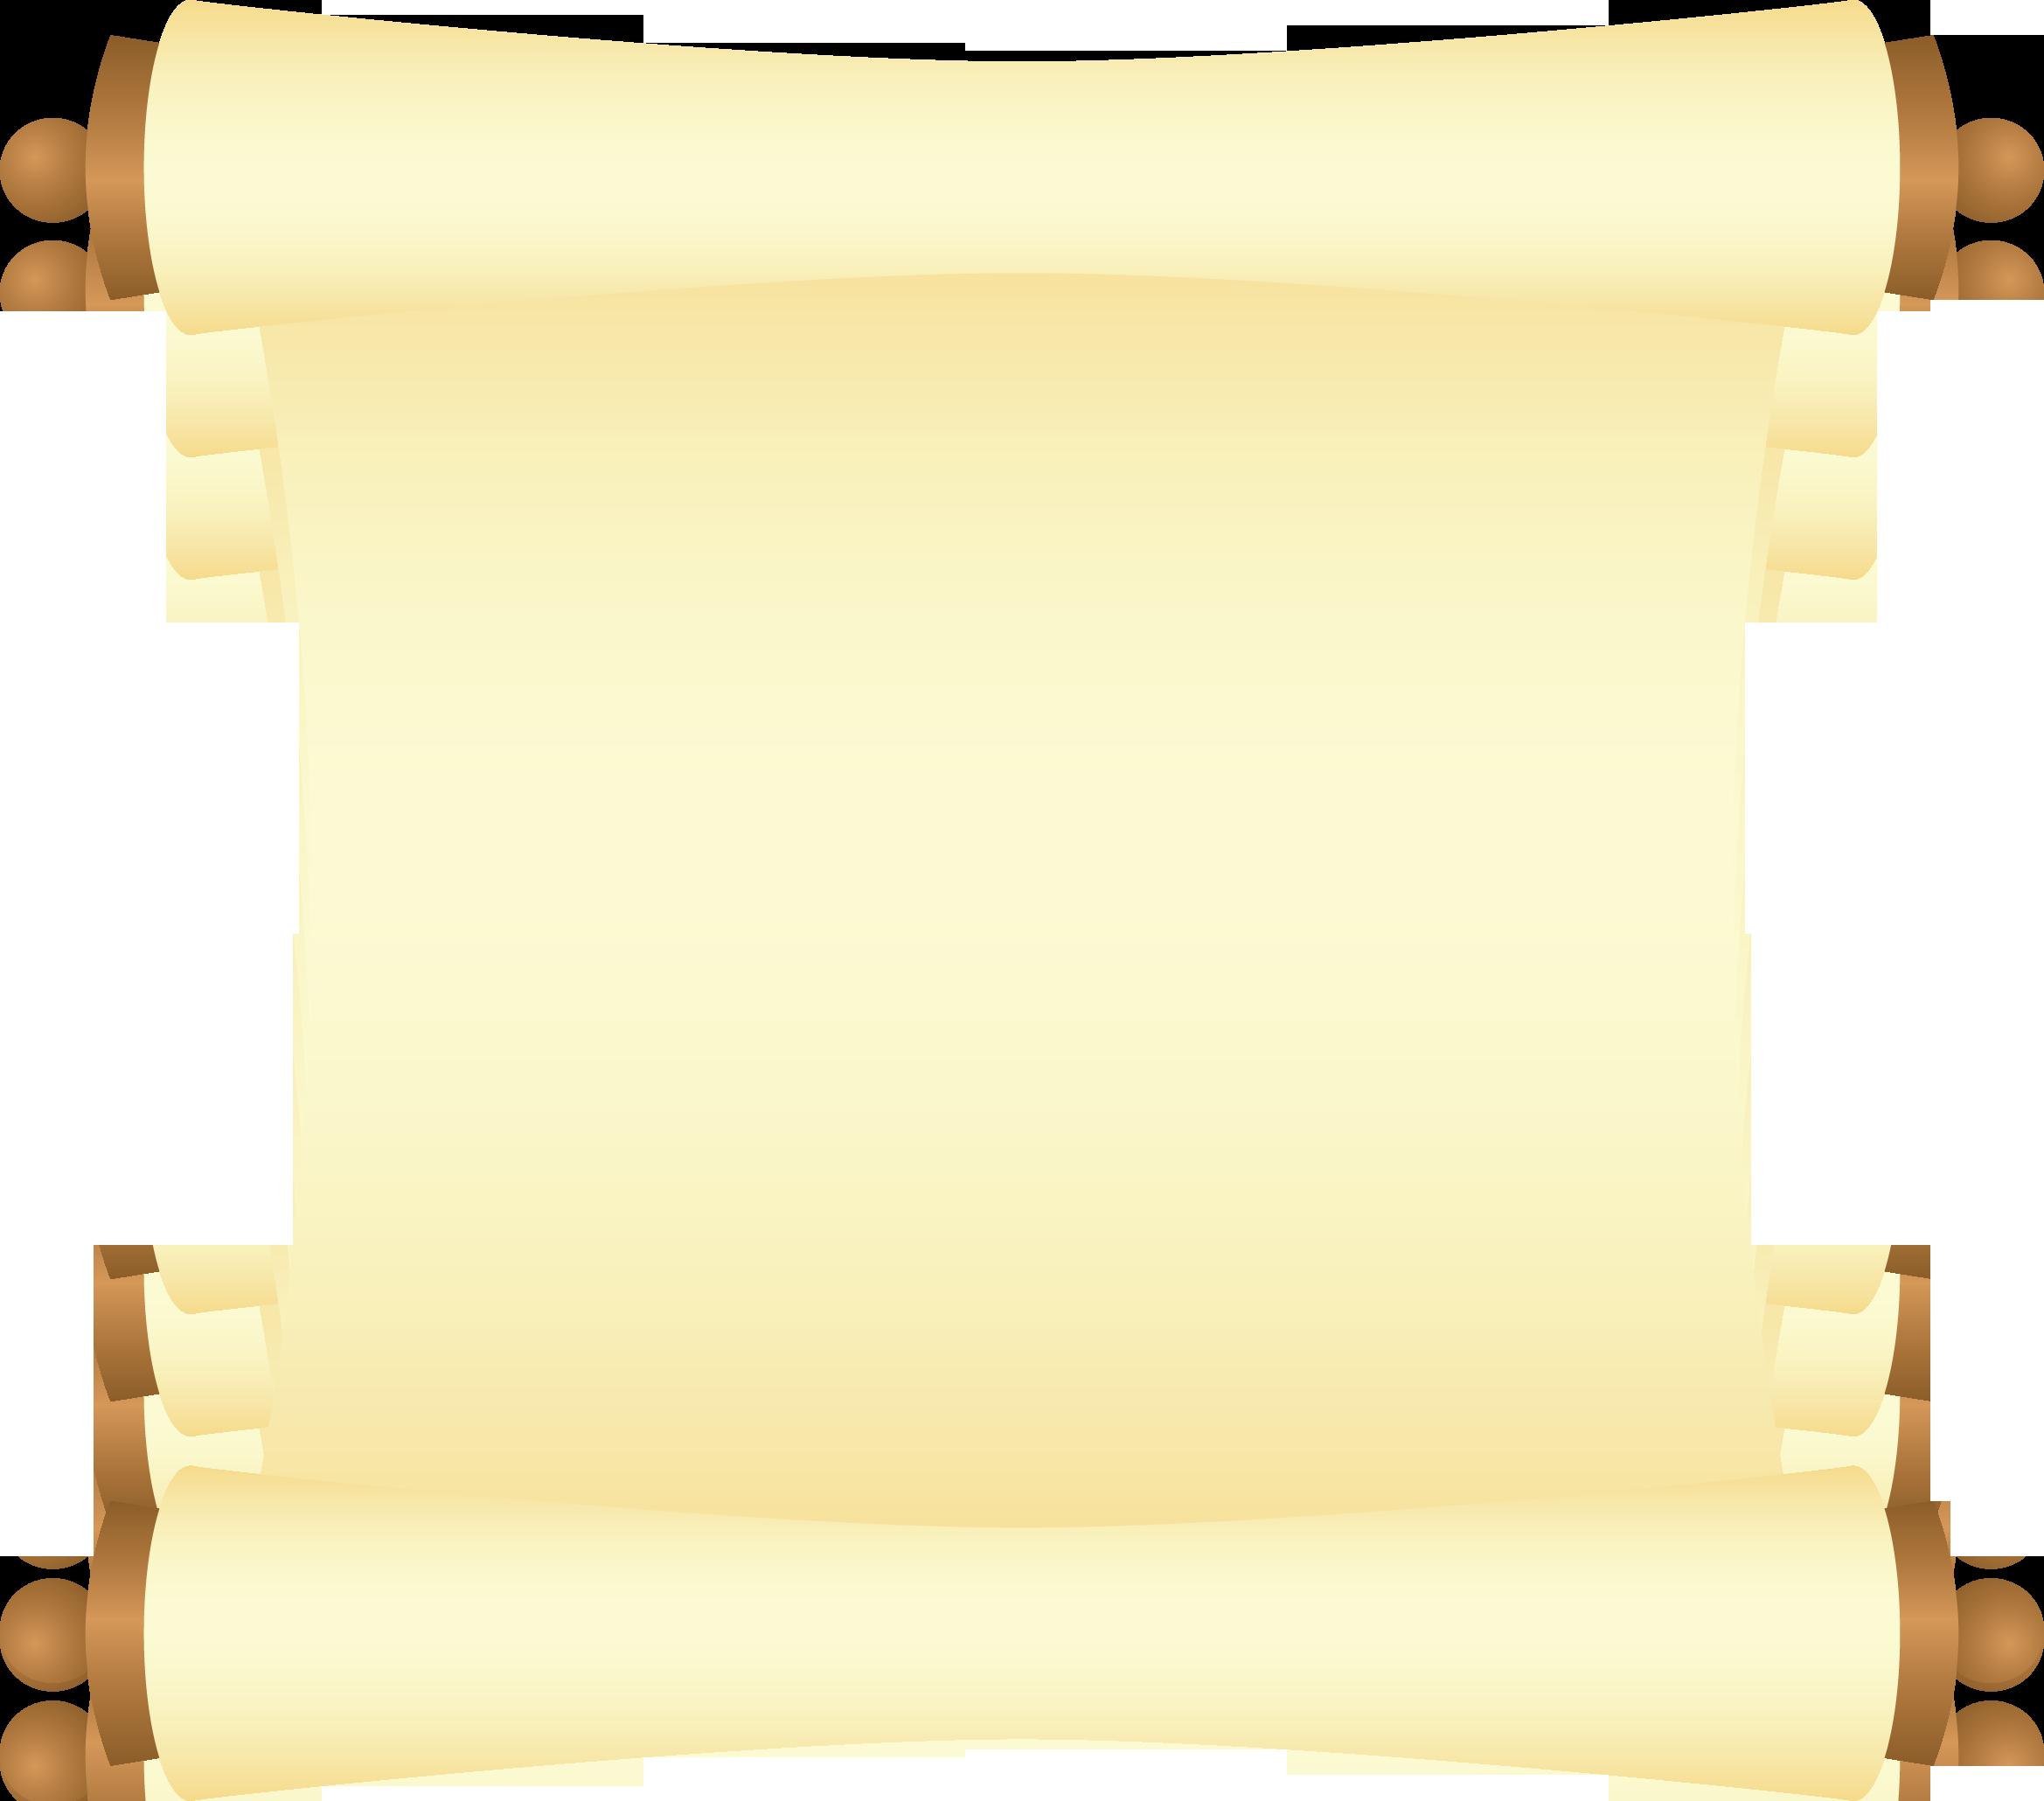 картинки свиток на прозрачном фоне